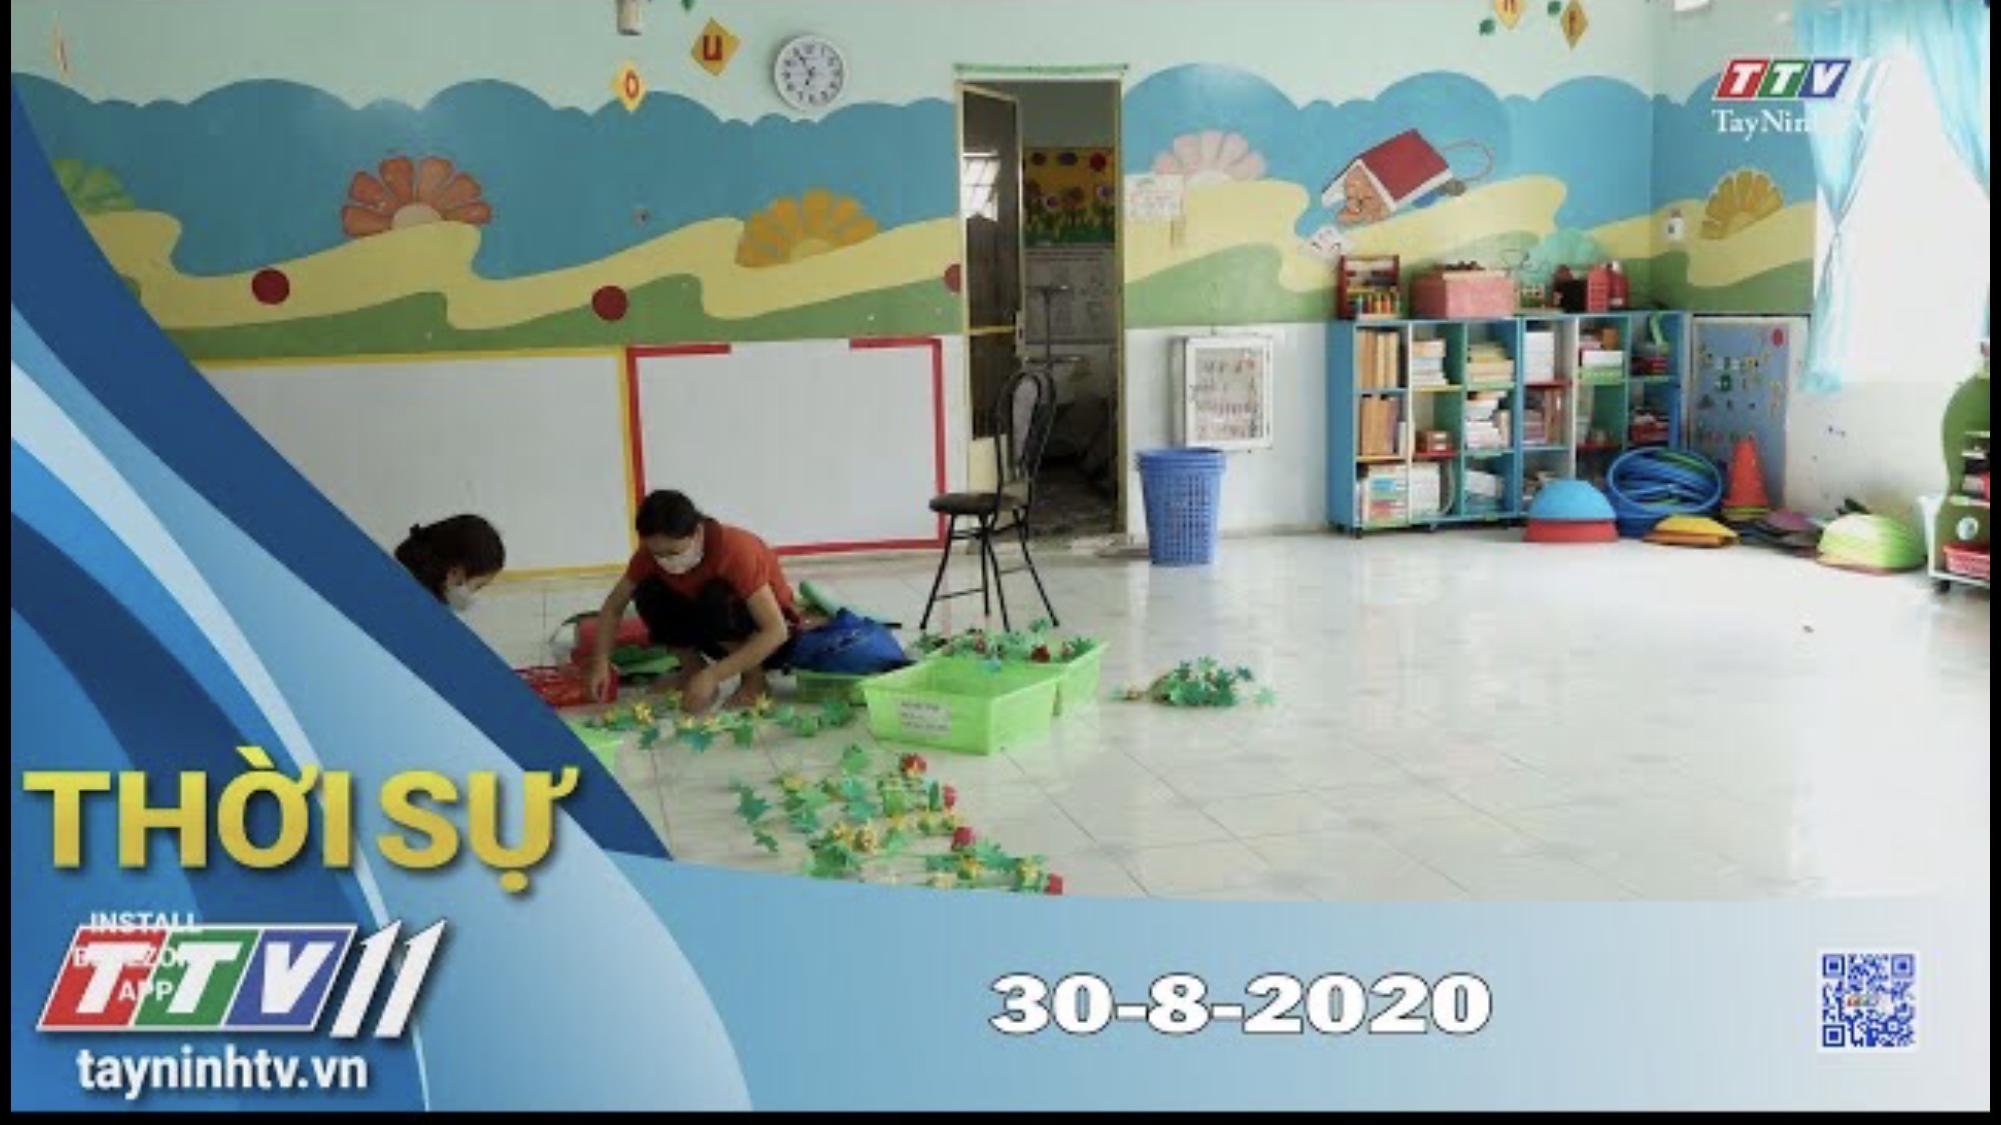 Thời sự Tây Ninh 30-8-2020 | Tin tức hôm nay | TayNinhTV